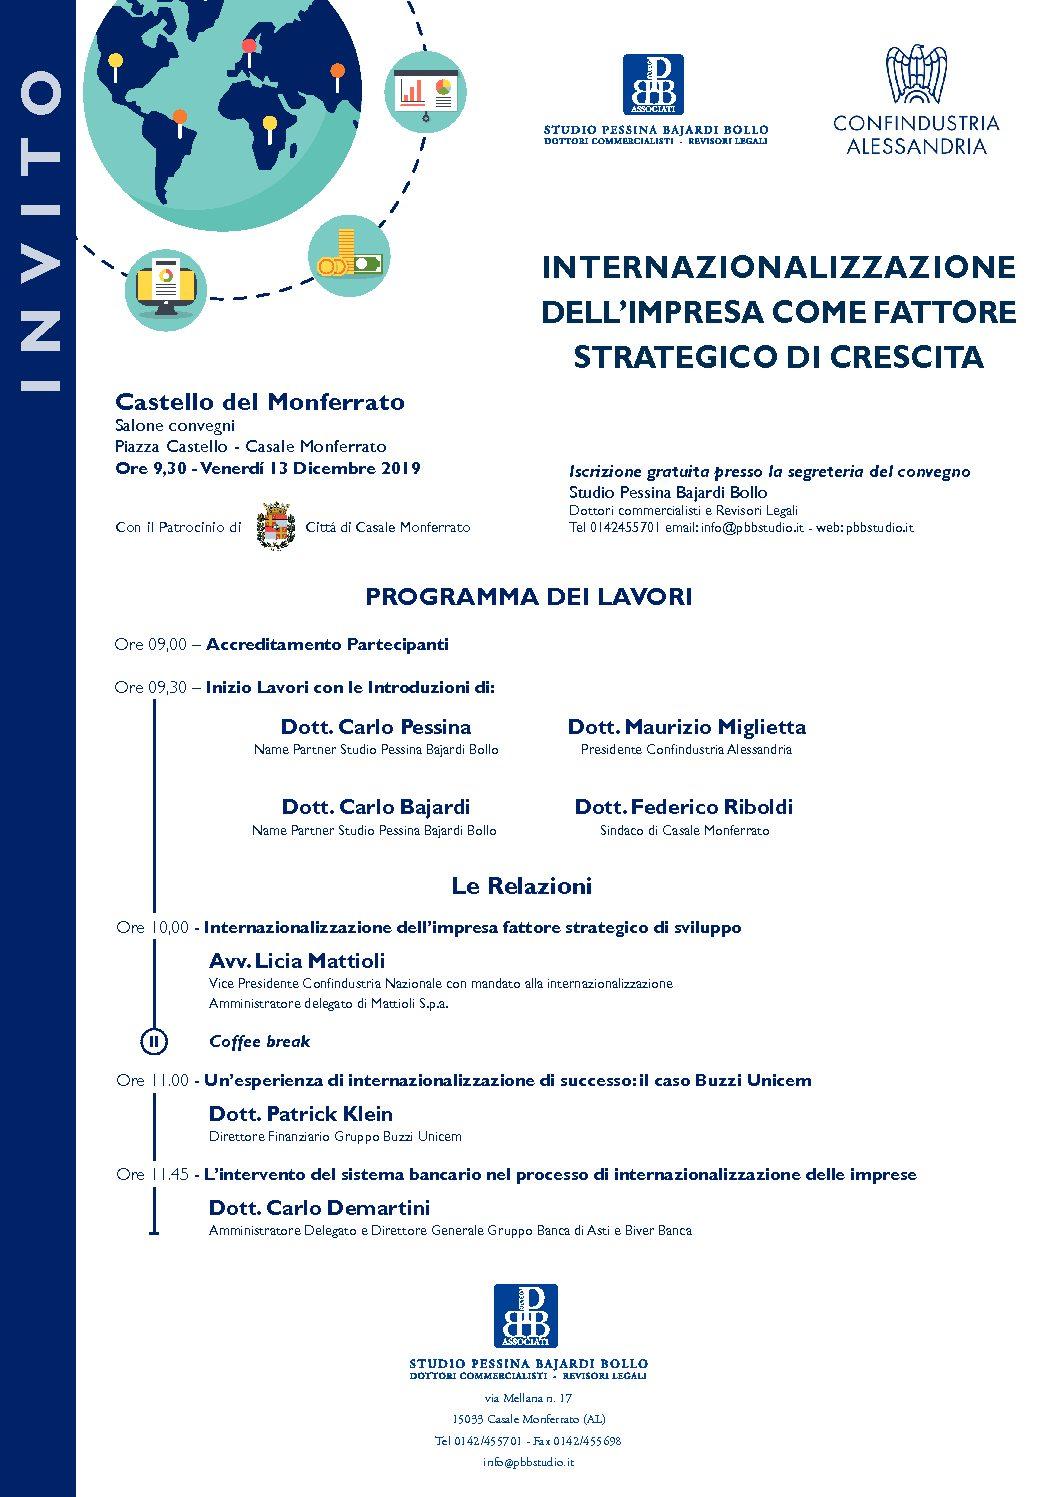 INTERNAZIONALIZZAZIONE DELL'IMPRESA COME FATTORE STRATEGICO DI CRESCITA